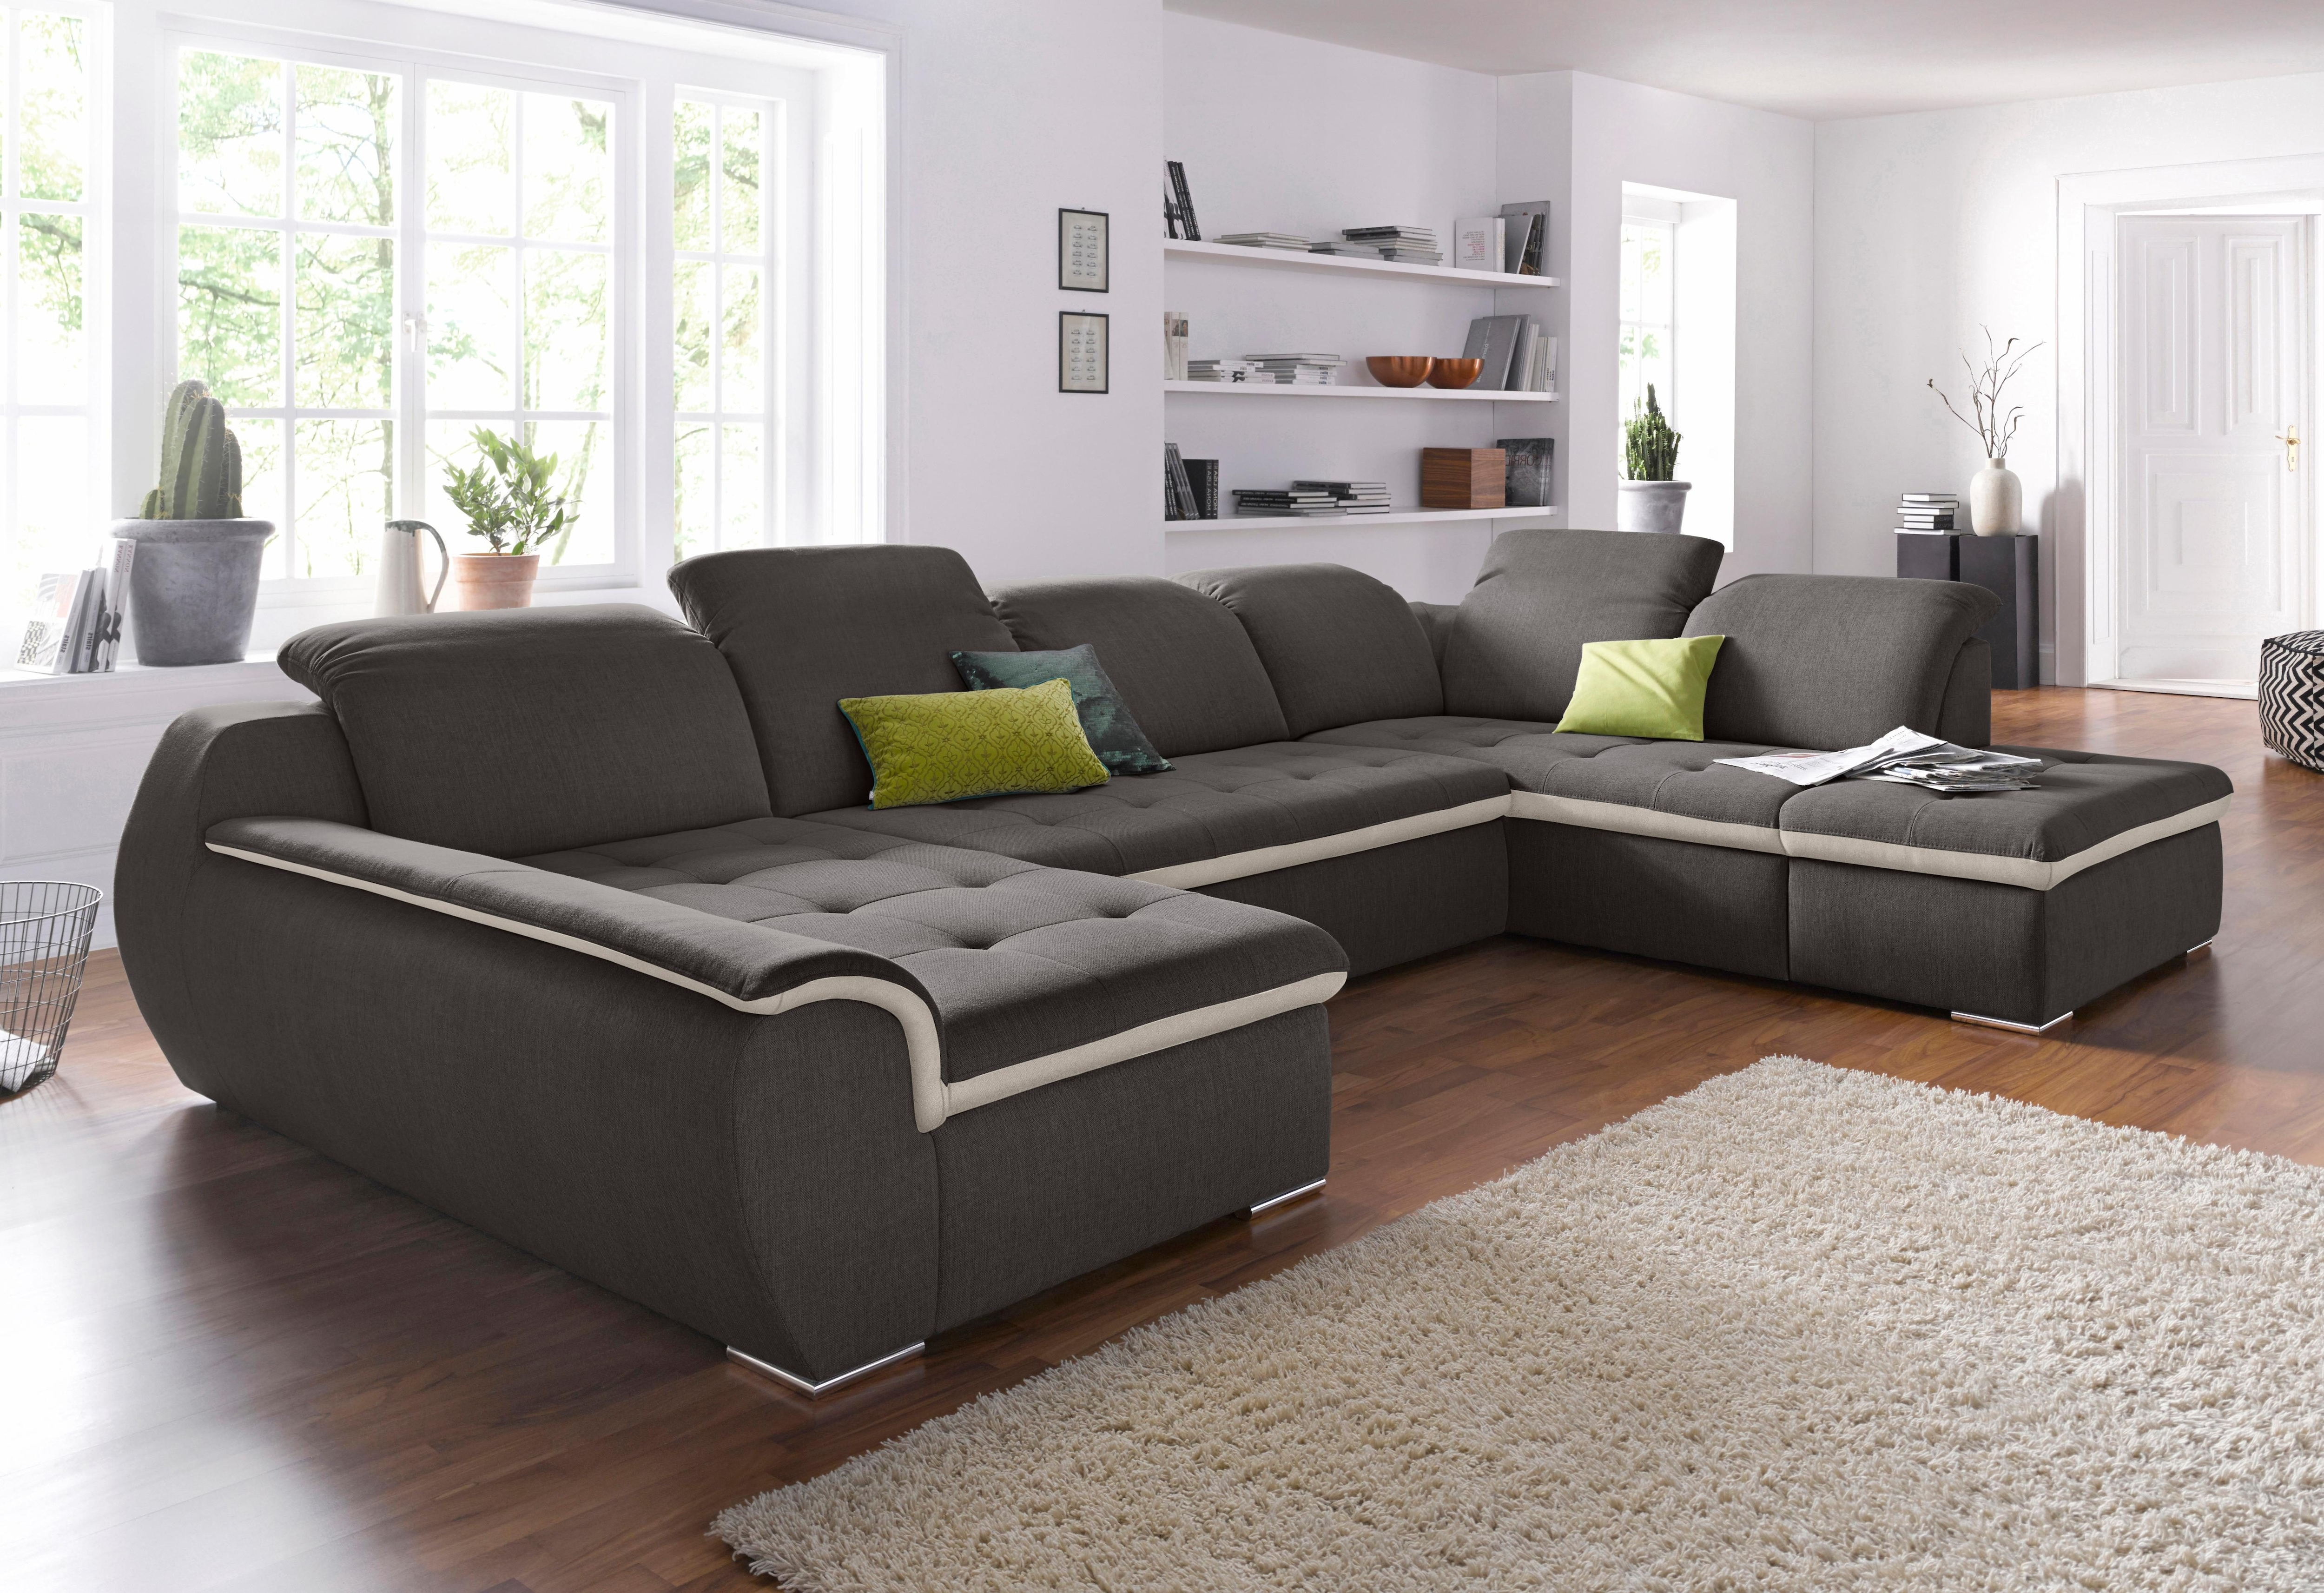 RAUM.ID Wohnlandschaft | Wohnzimmer > Sofas & Couches > Wohnlandschaften | Braun | Holzwerkstoff | RAUM.ID